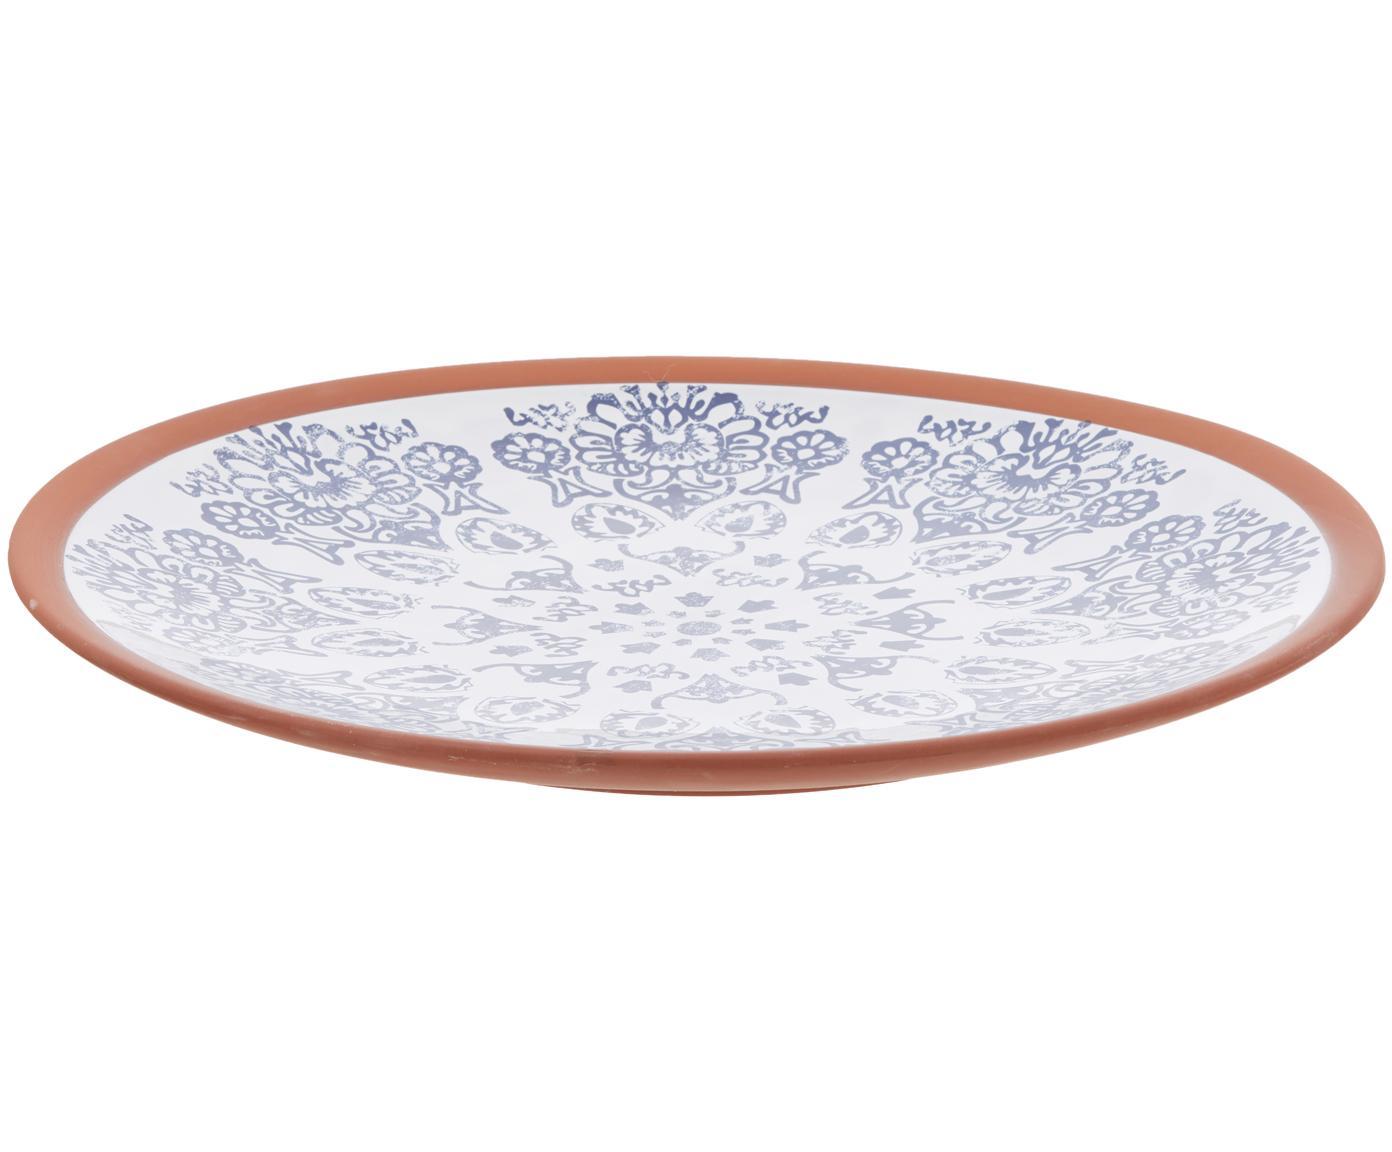 Handgefertigte Servierplatte Tapas, Terrakotta, Blau, Weiß, Braun, Ø 37 x H 6 cm